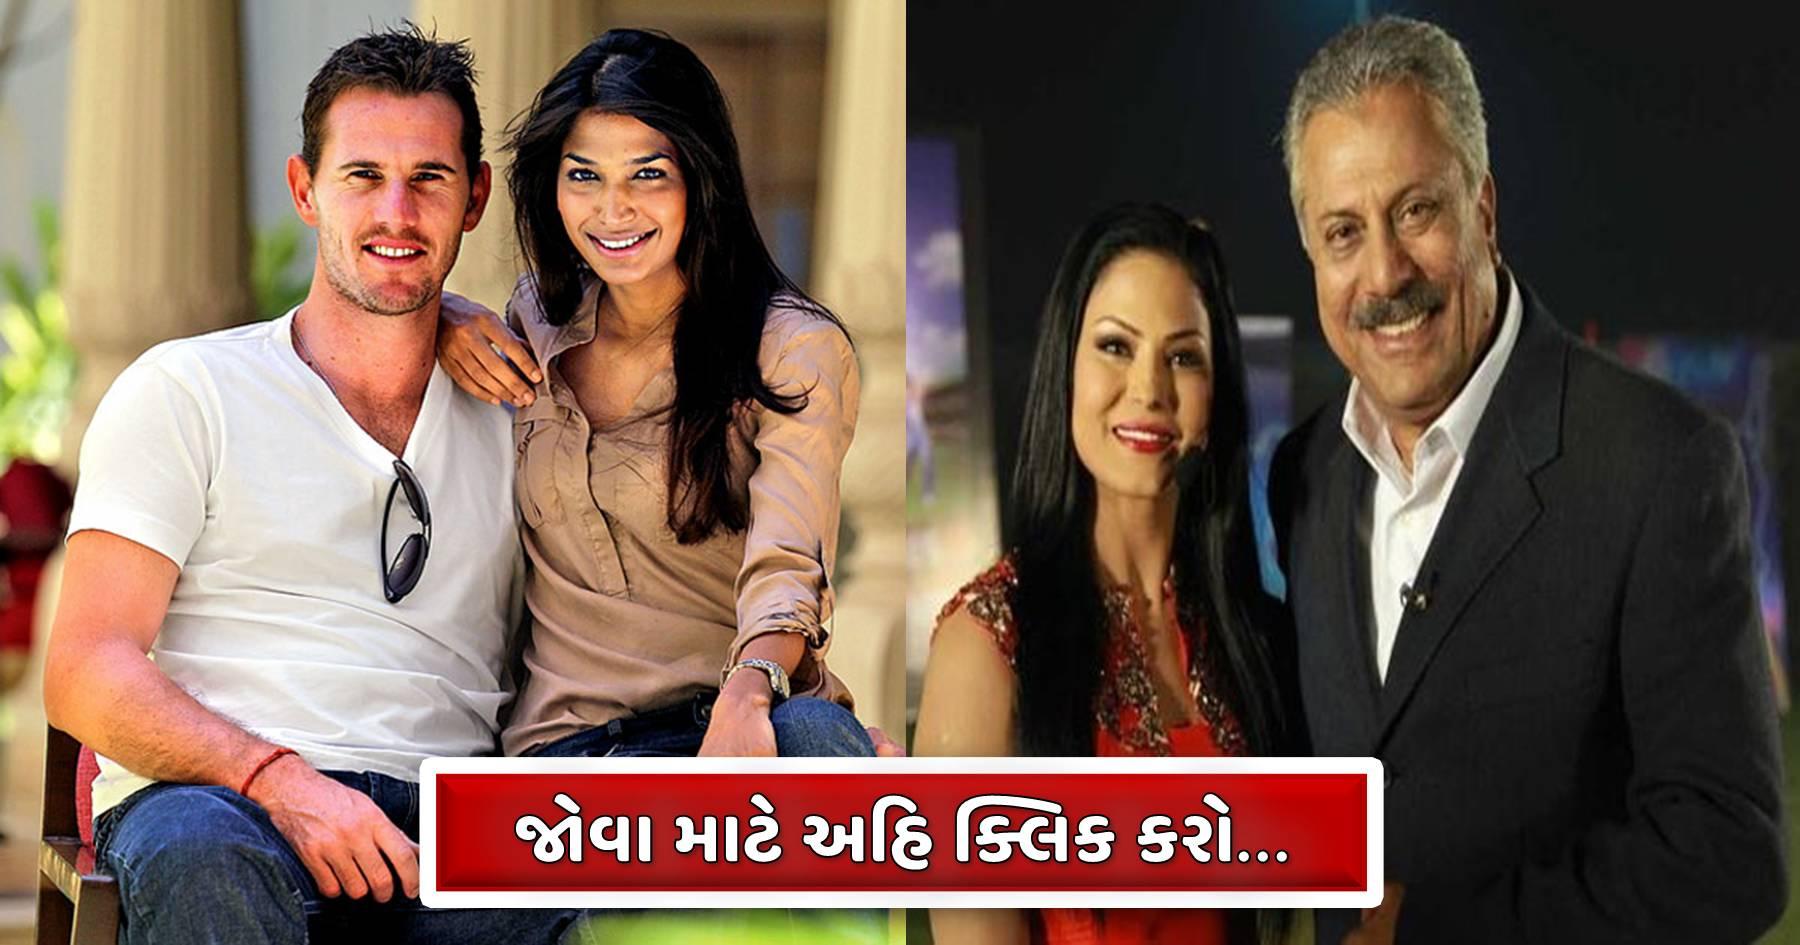 આ 6 વિદેશી ક્રિકેટરે ભારતીય મહિલાઓ સાથે લગ્ન કર્યાં, જાણો કોણ કોણ છે ???